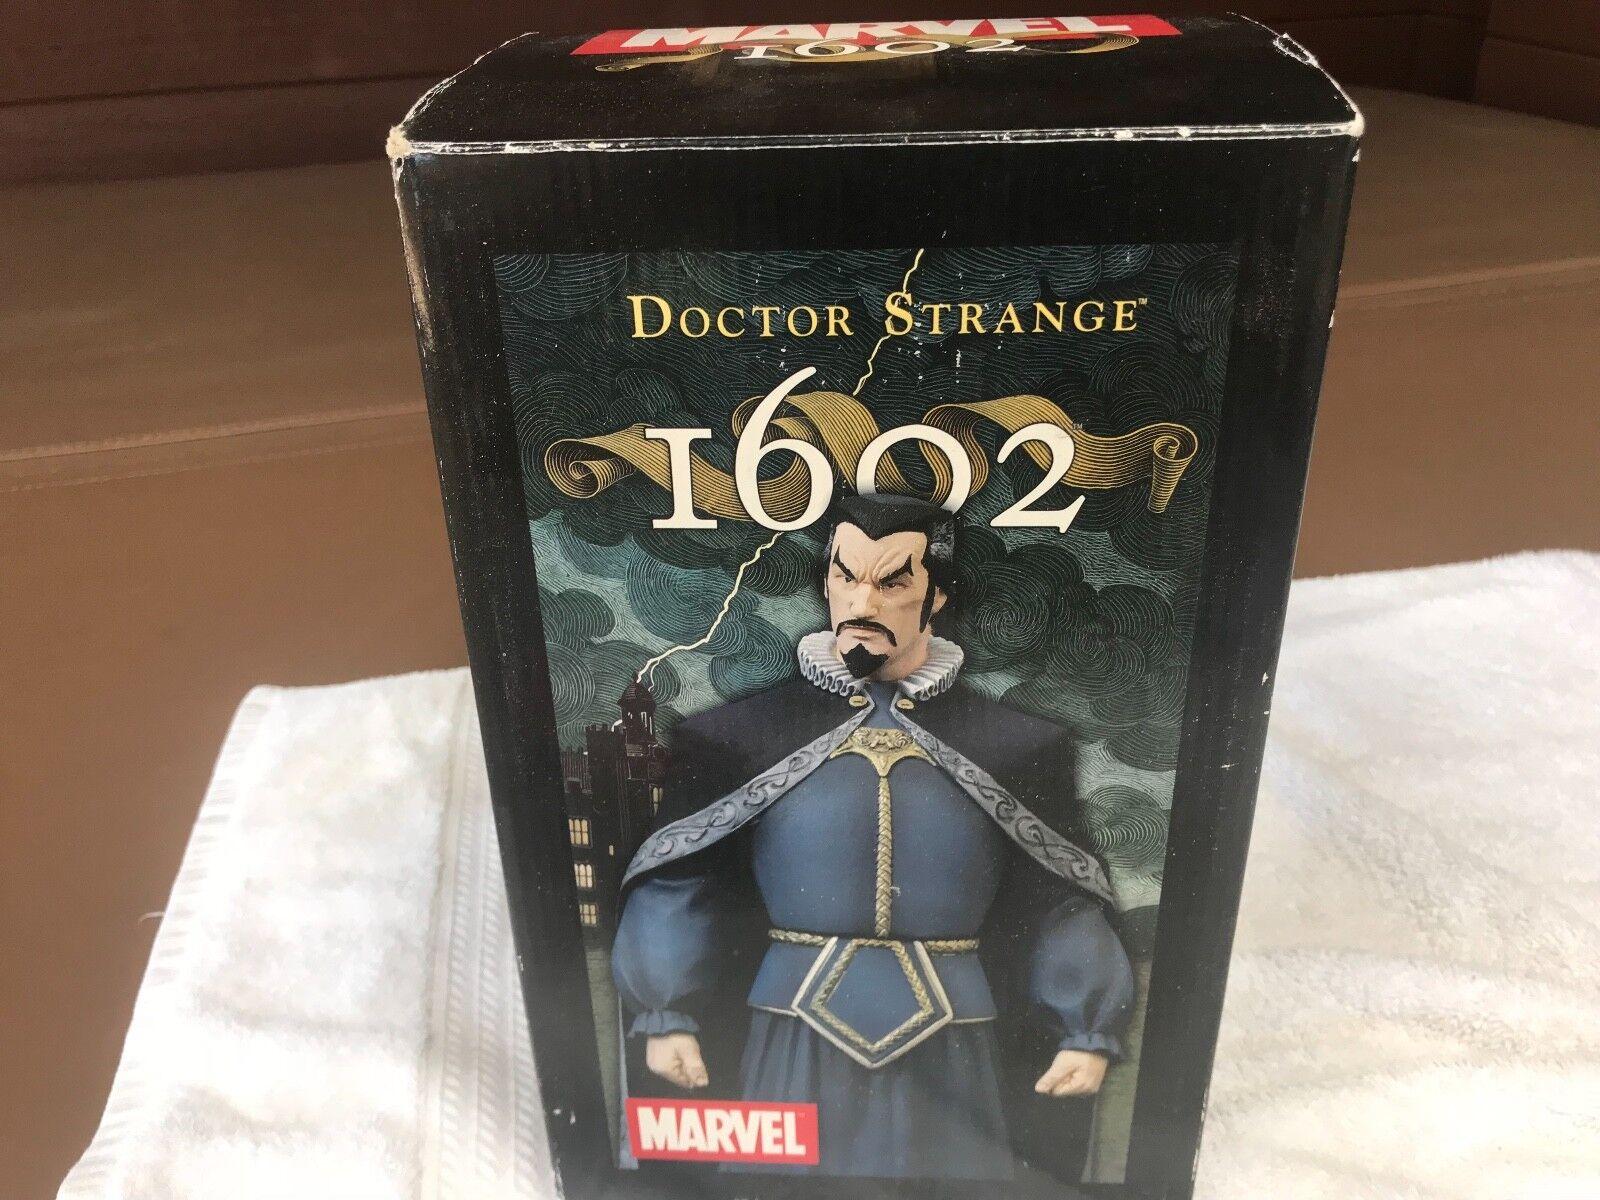 2004 Marvel - Doctor Strange  1602 Statue - NEW